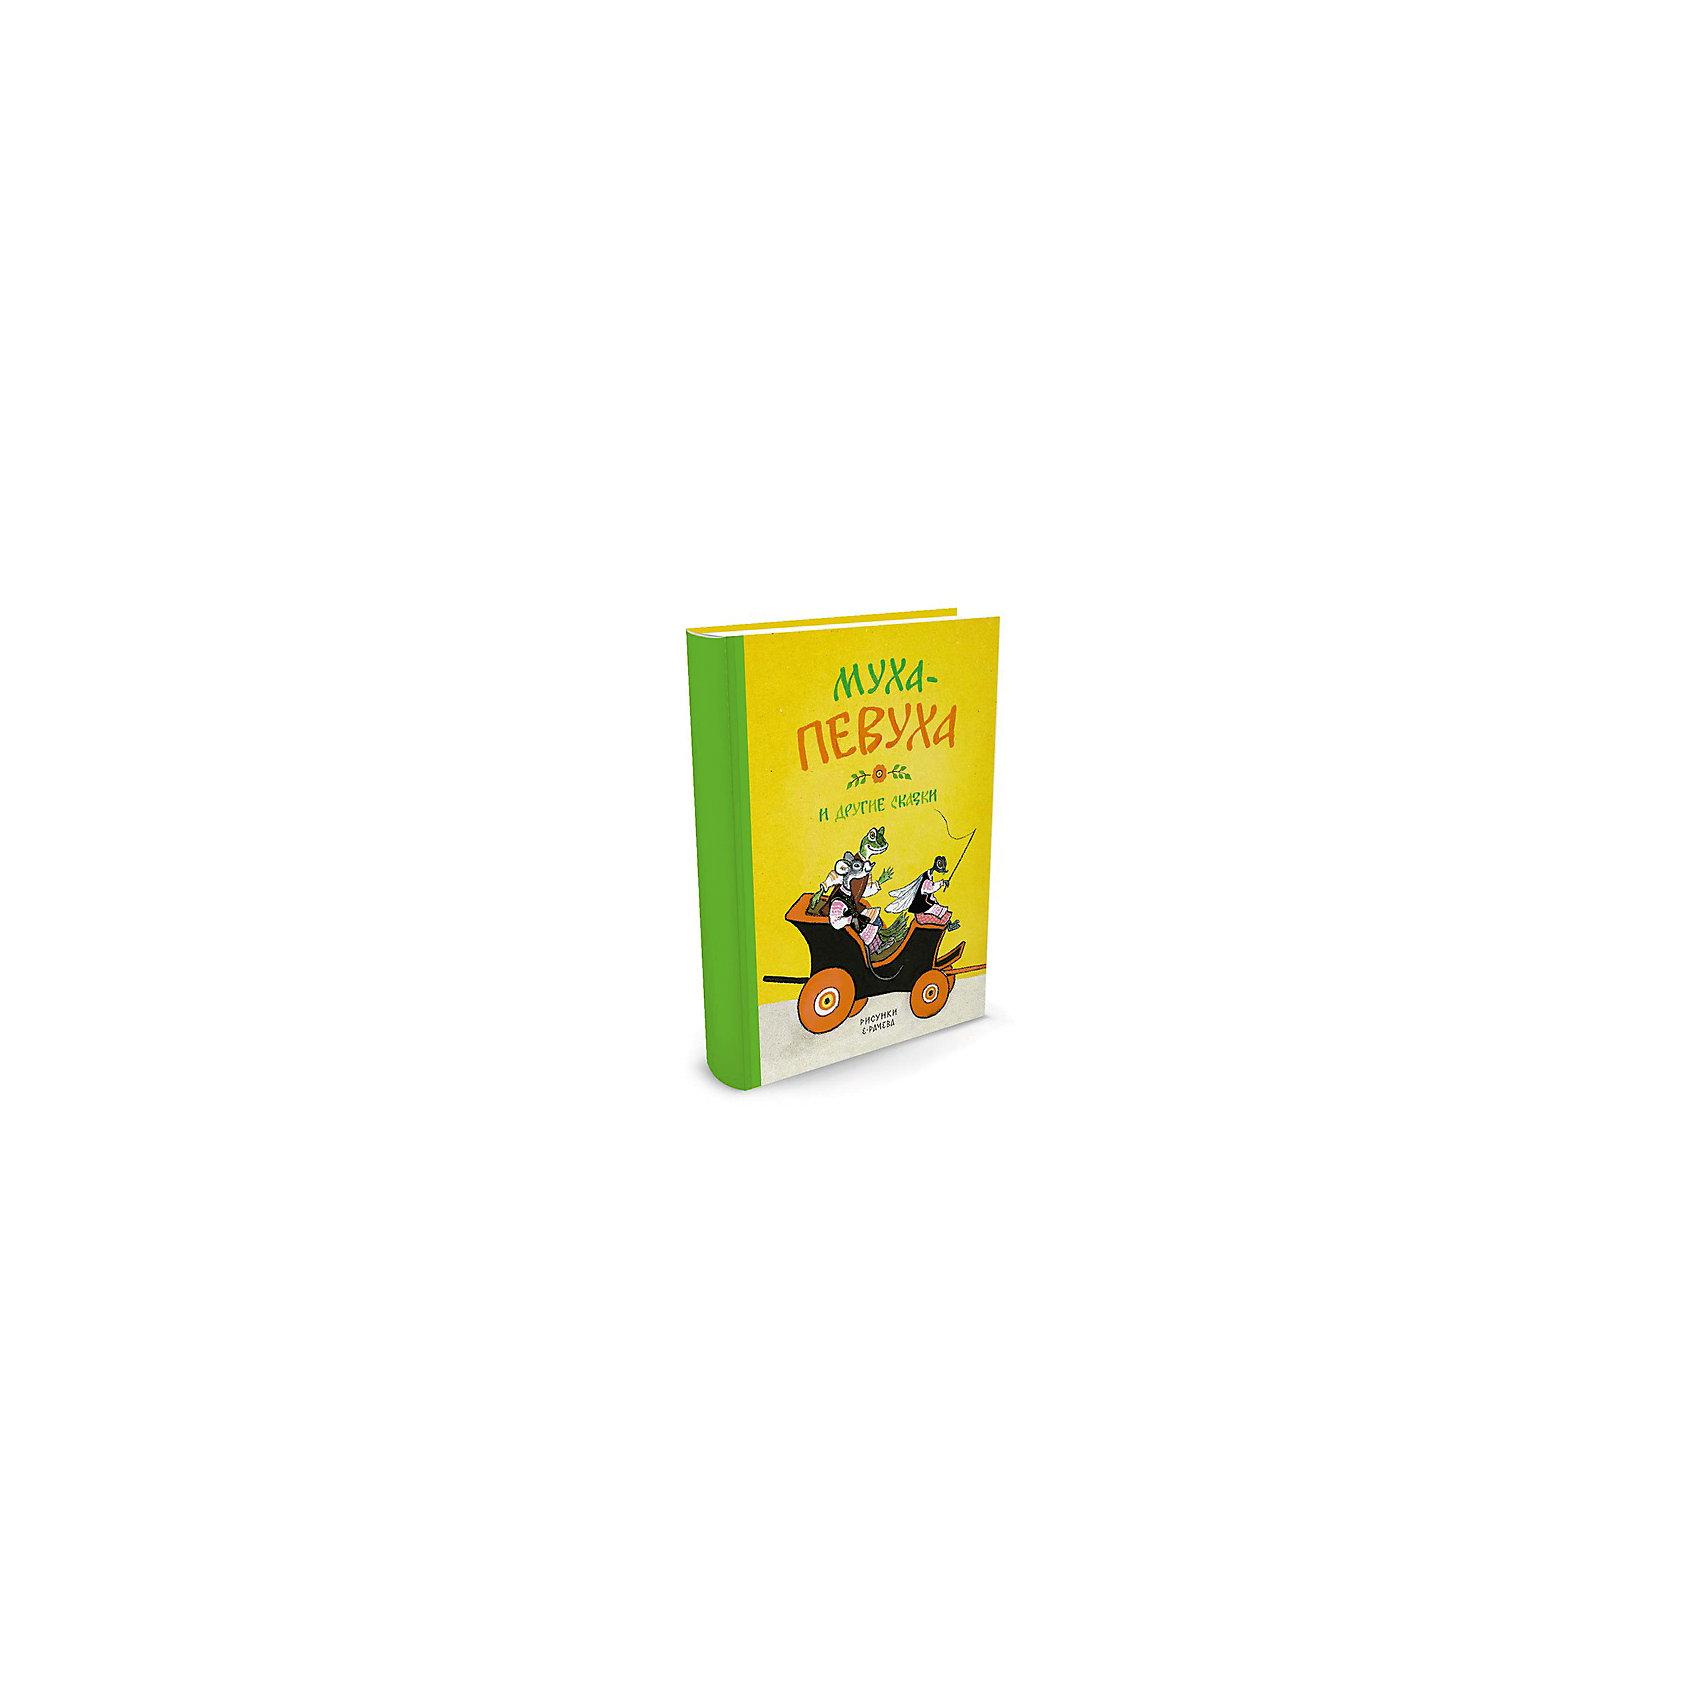 Муха-Певуха и другие сказкиСказки, рассказы, стихи<br>Муха-Певуха и другие сказки.<br><br>Характеристики:<br><br>• Для детей в возрасте: от 3 до 6 лет<br>• Художник: Е. Рачев<br>• Издательство: Азбука-Аттикус, Махаон, 2016 год<br>• Тип обложки: 7Б - твердая (плотная бумага или картон)<br>• Оформление: с тканевым корешком<br>• Иллюстрации: цветные<br>• Количество страниц: 48<br>• Размер: 262х203х8 мм.<br>• Вес: 366 гр.<br>• ISBN: 9785389118652<br><br>Эти сказки обязательно найдут своё место не только на книжной полке, но и в сердце читателя. Удивительные, обаятельные звери, нарисованные Евгением Михайловичем Рачёвым, создают свой неповторимый сказочный мир. Яркие, точные образы героев раскрывают и дополняют текст.<br><br>Книгу Муха-Певуха и другие сказки можно купить в нашем интернет-магазине.<br><br>Ширина мм: 262<br>Глубина мм: 203<br>Высота мм: 80<br>Вес г: 366<br>Возраст от месяцев: 36<br>Возраст до месяцев: 72<br>Пол: Унисекс<br>Возраст: Детский<br>SKU: 5493448